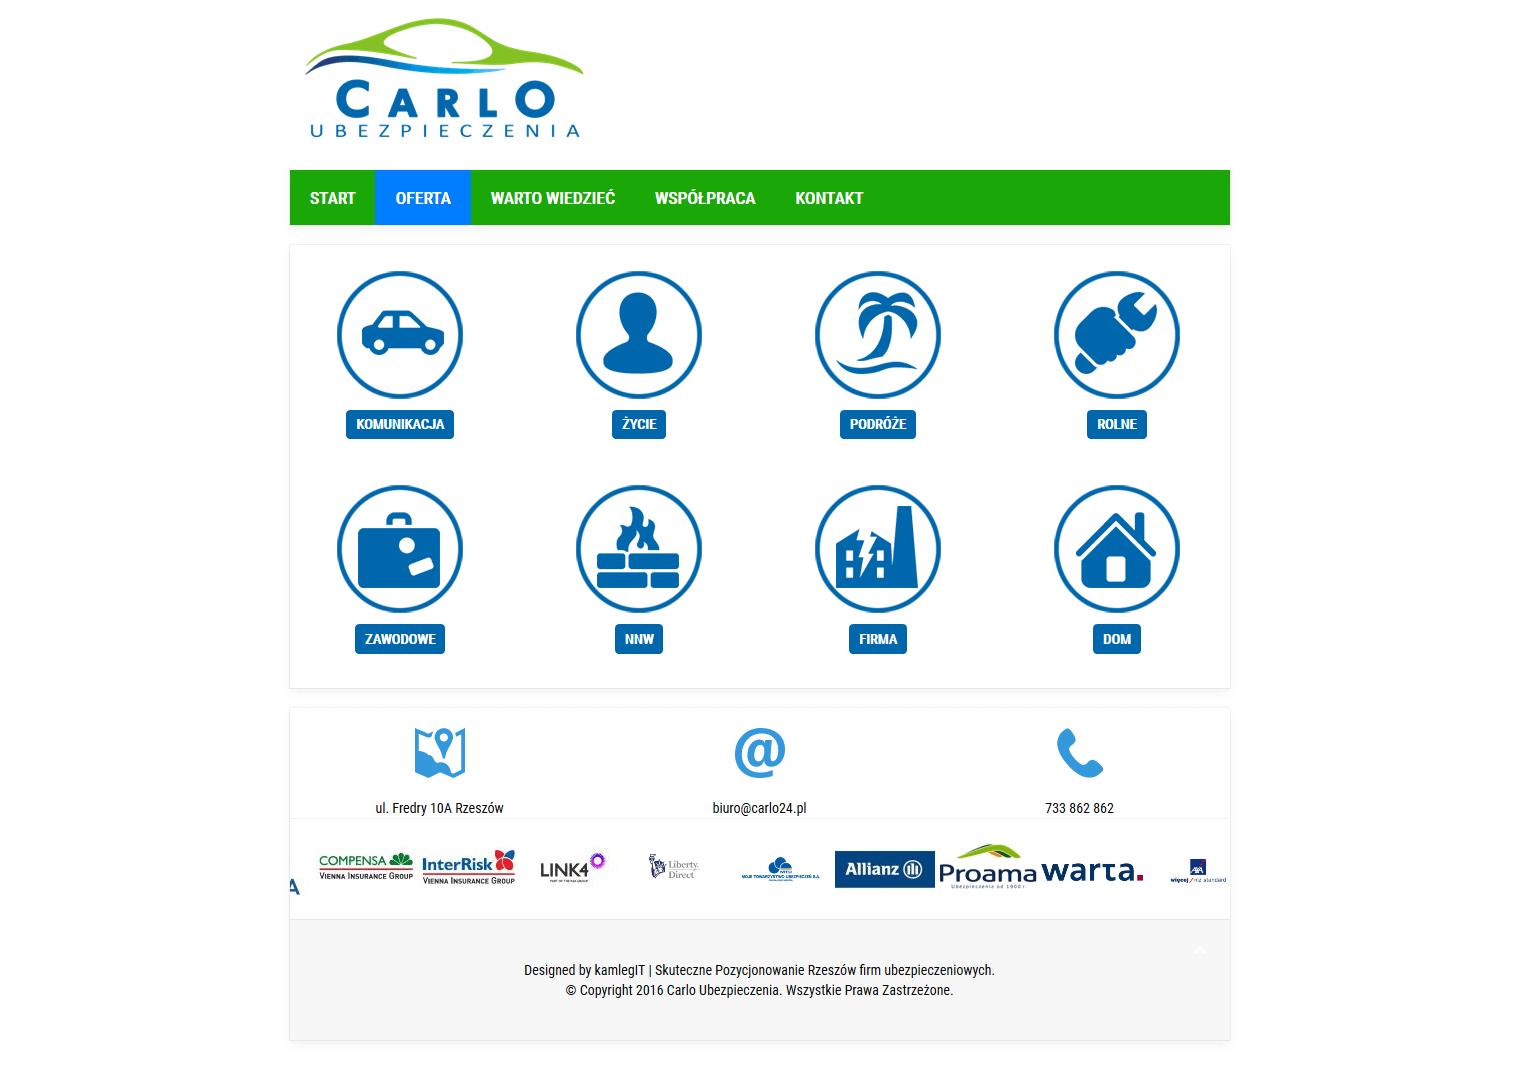 Carlo 2